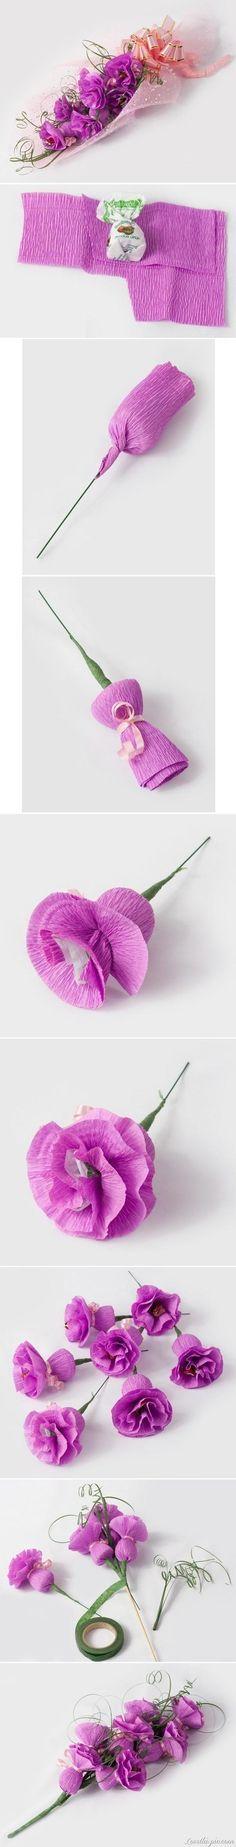 diy party favor bouquet bouquet diy handmade diy ideas diy projects diy craft…